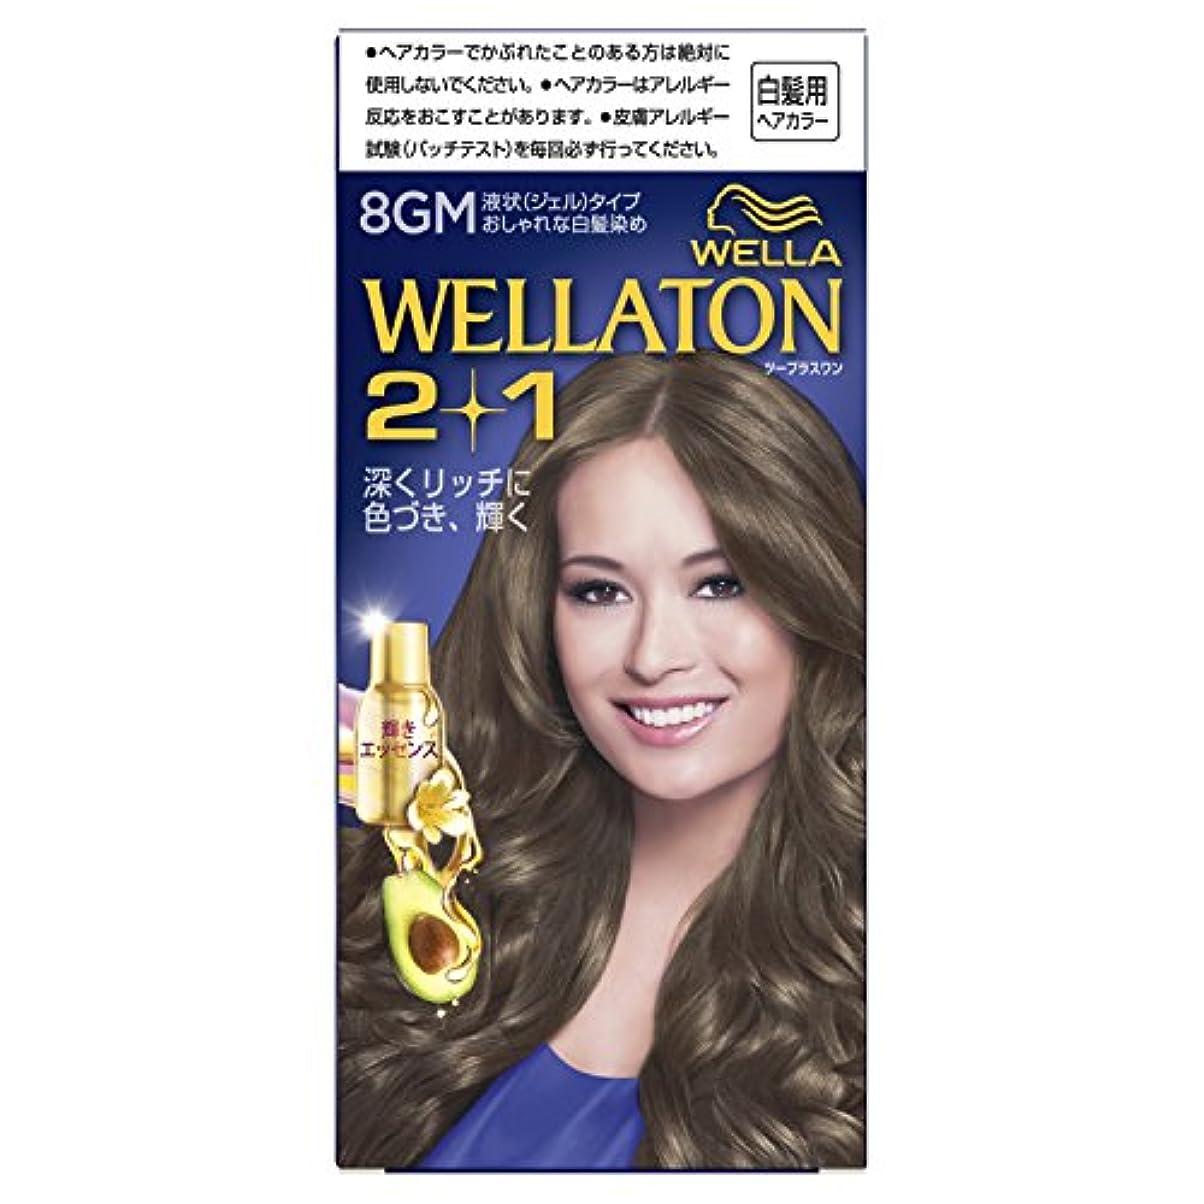 涙が出るアサー起業家ウエラトーン2+1 液状タイプ 8GM [医薬部外品](おしゃれな白髪染め)